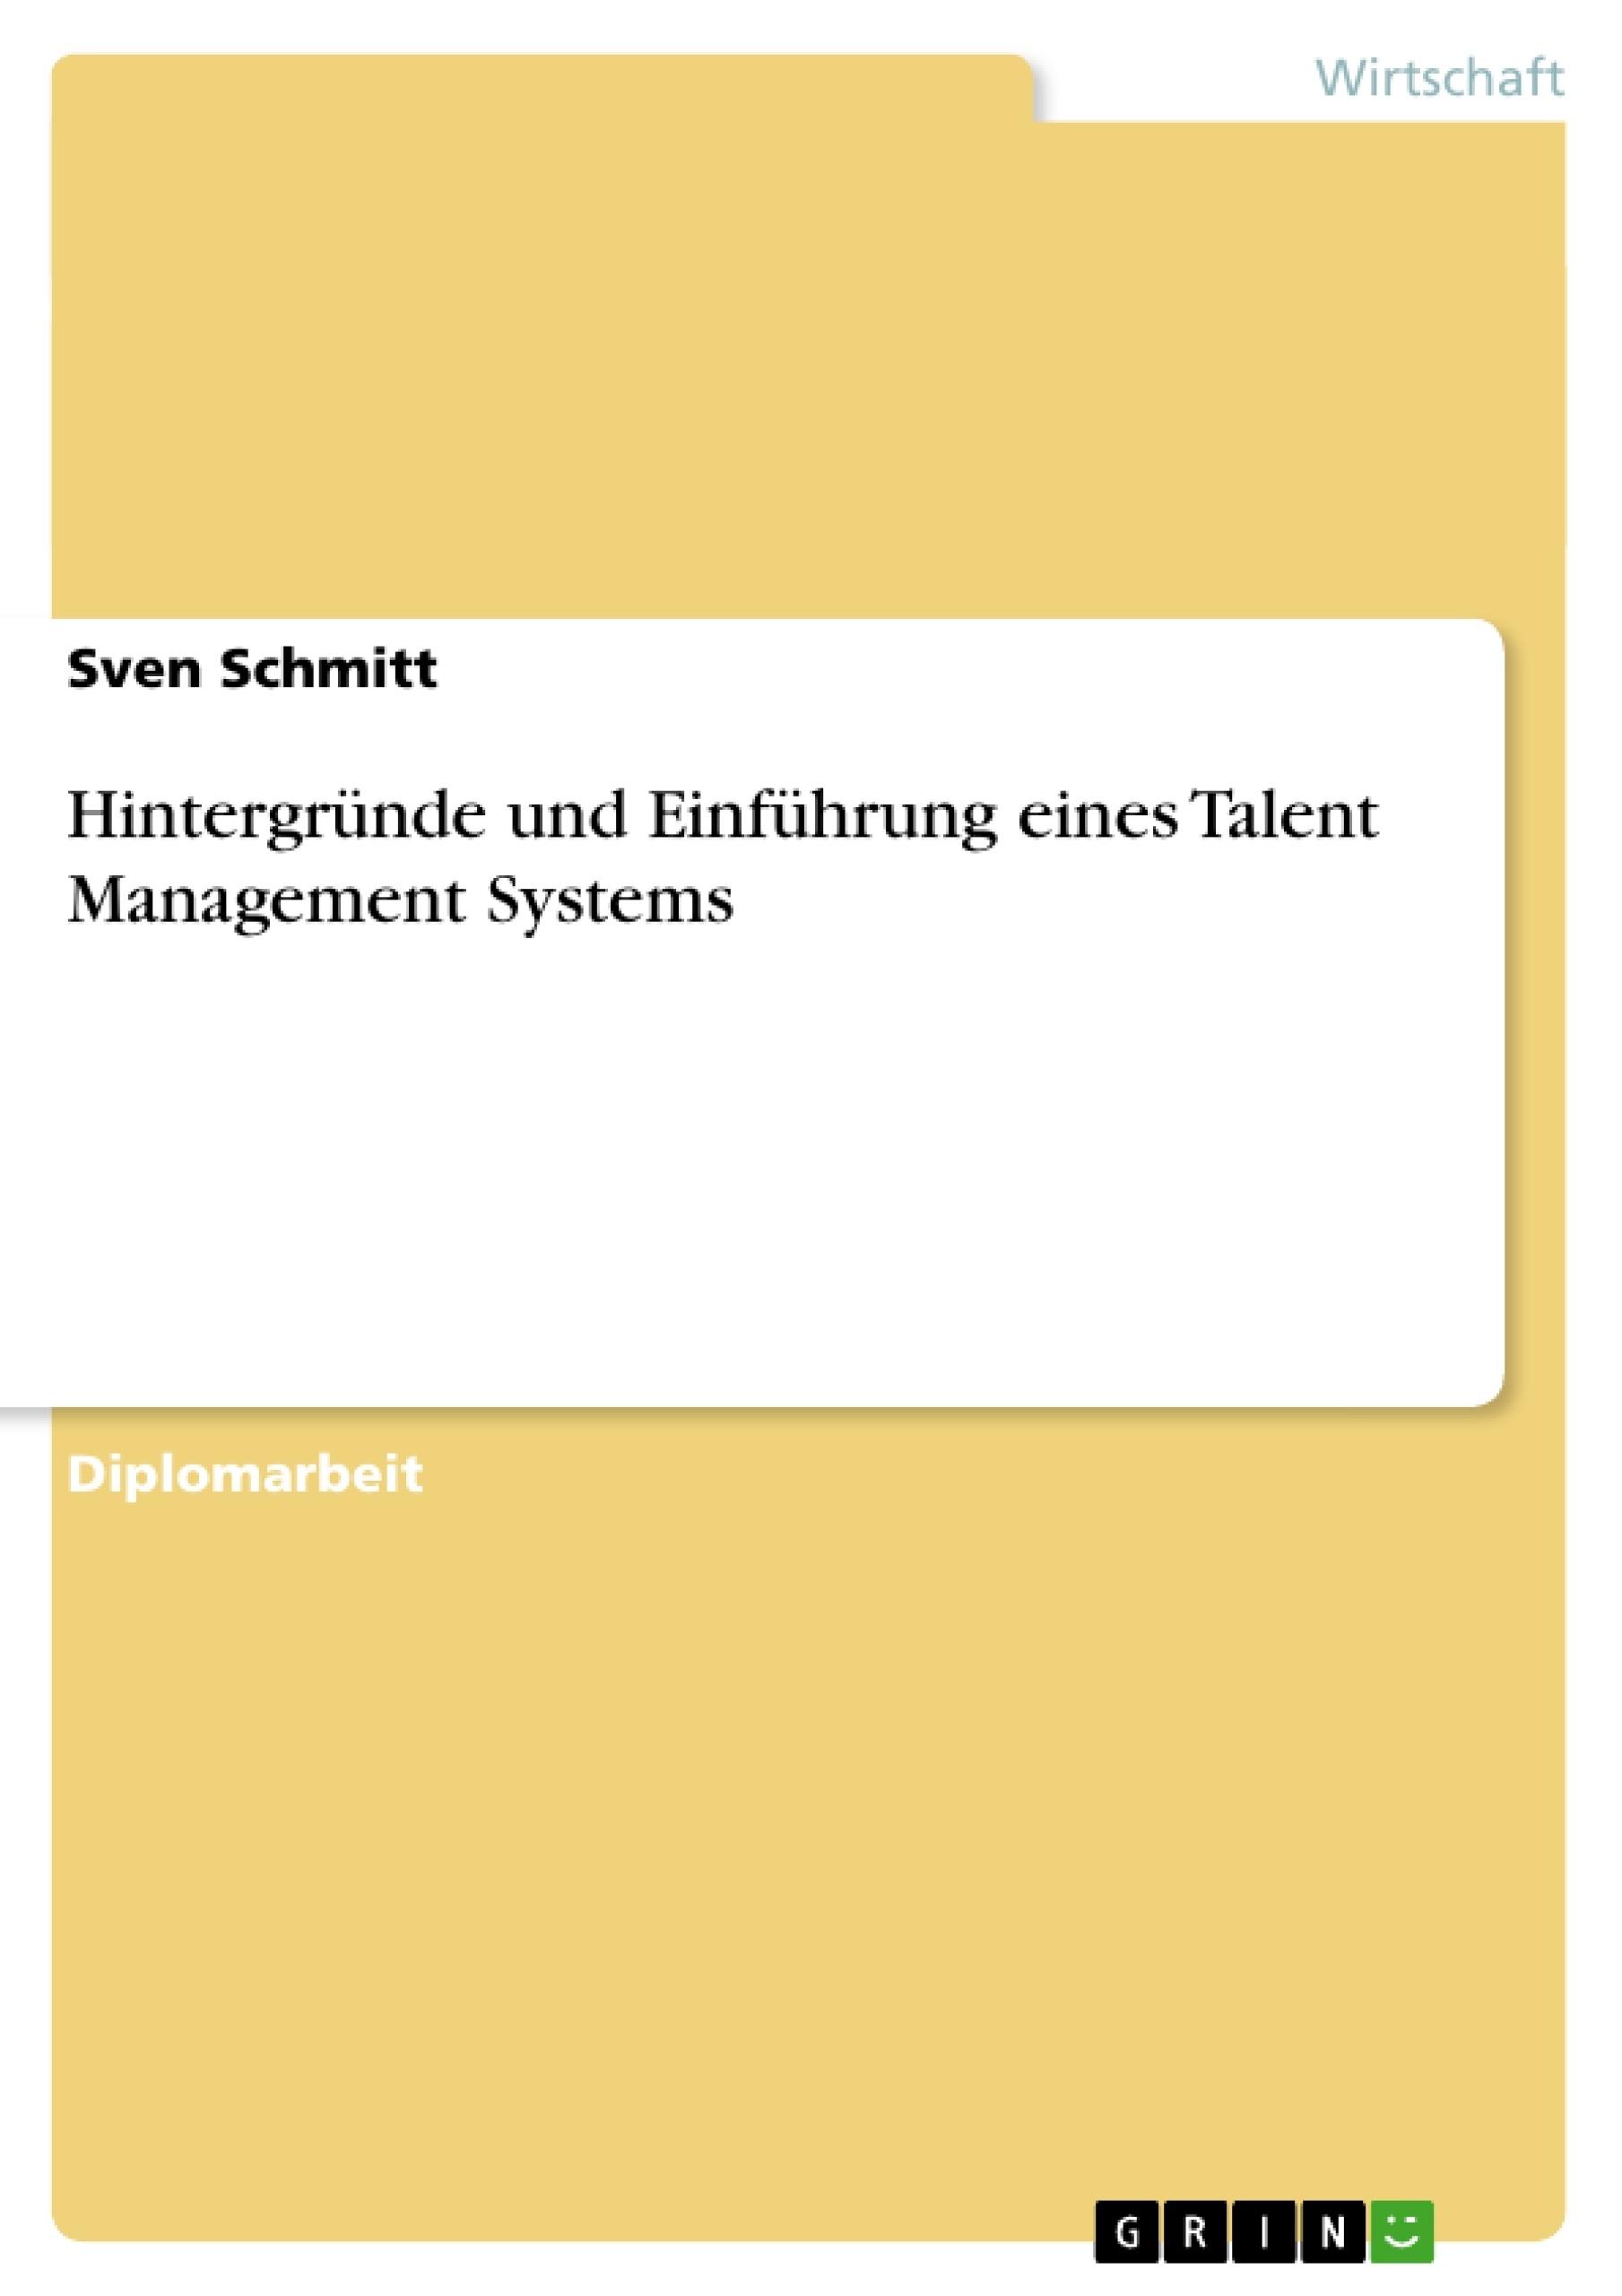 Titel: Hintergründe und Einführung  eines  Talent Management Systems